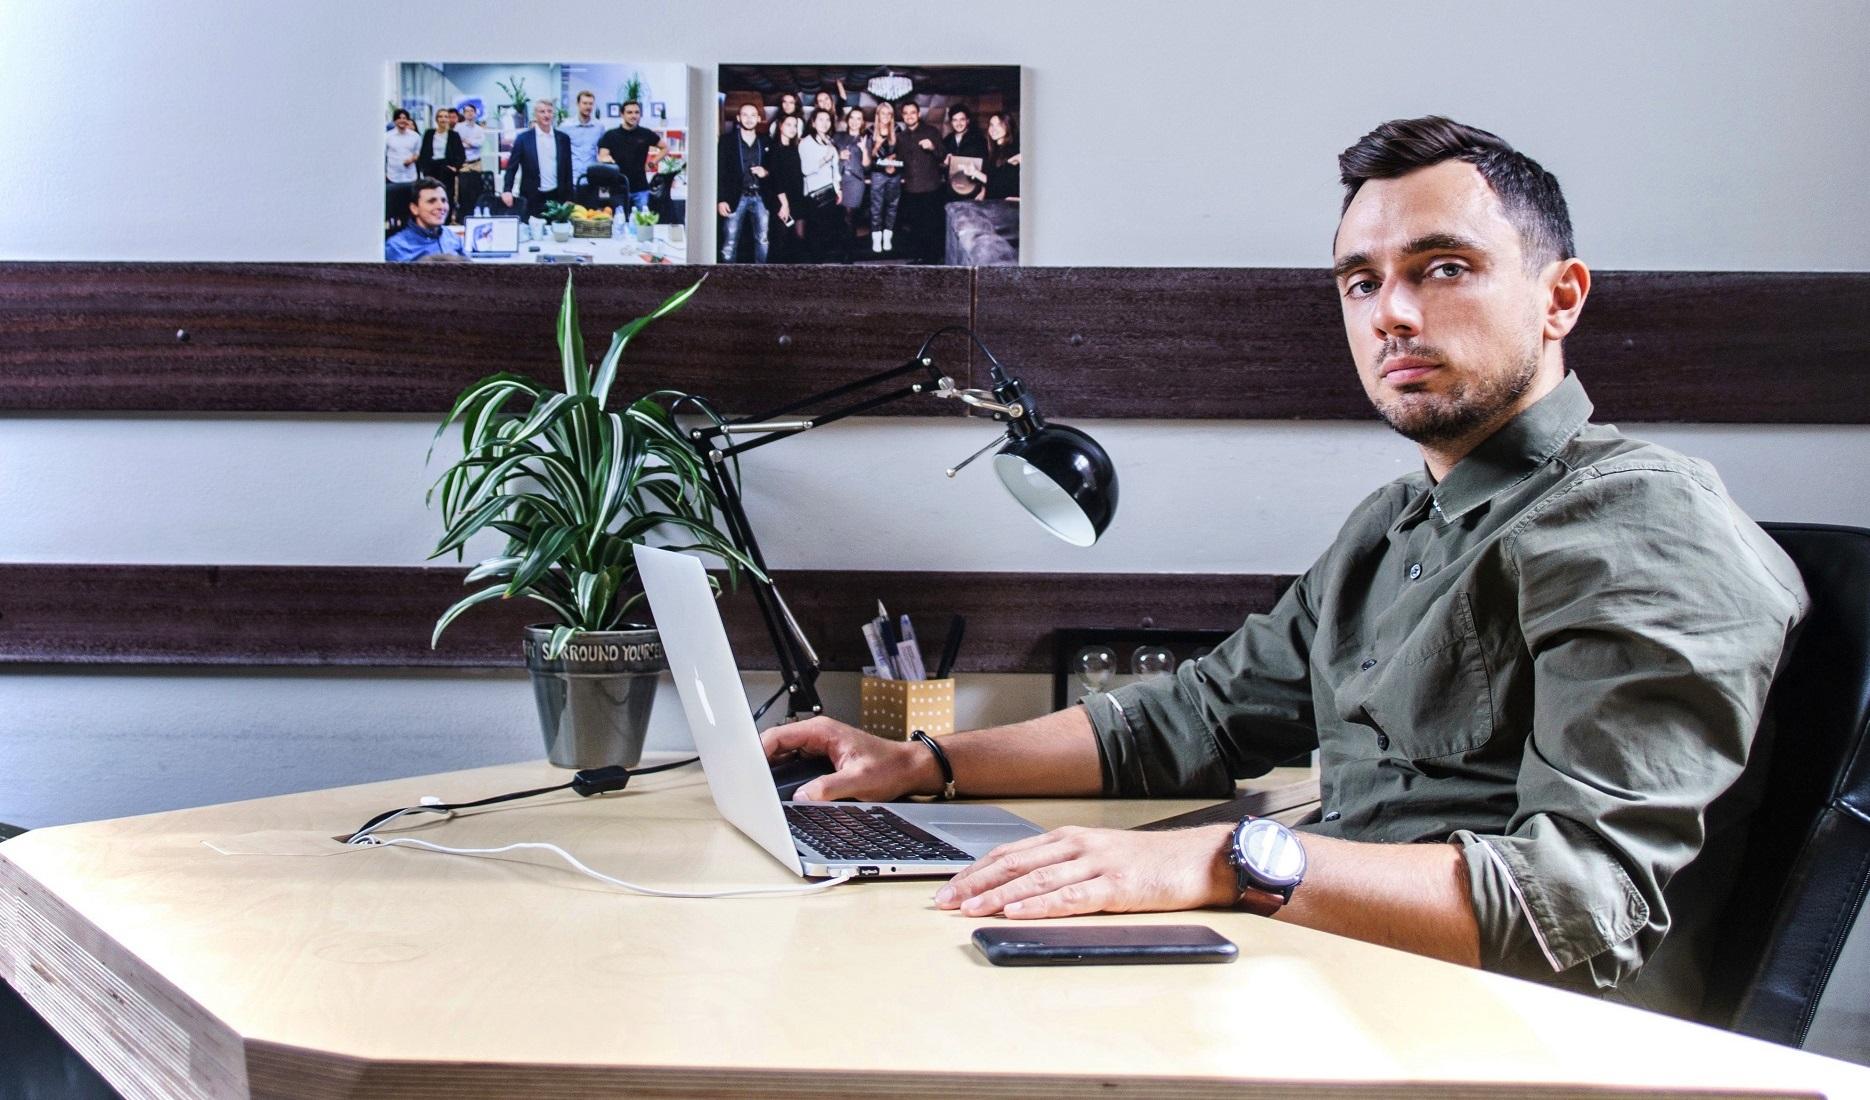 «Технологии — это бизнес с хардкором, предательствами и поражениями»: рабочие лайфхаки Романа Нестера, основателя Segmento